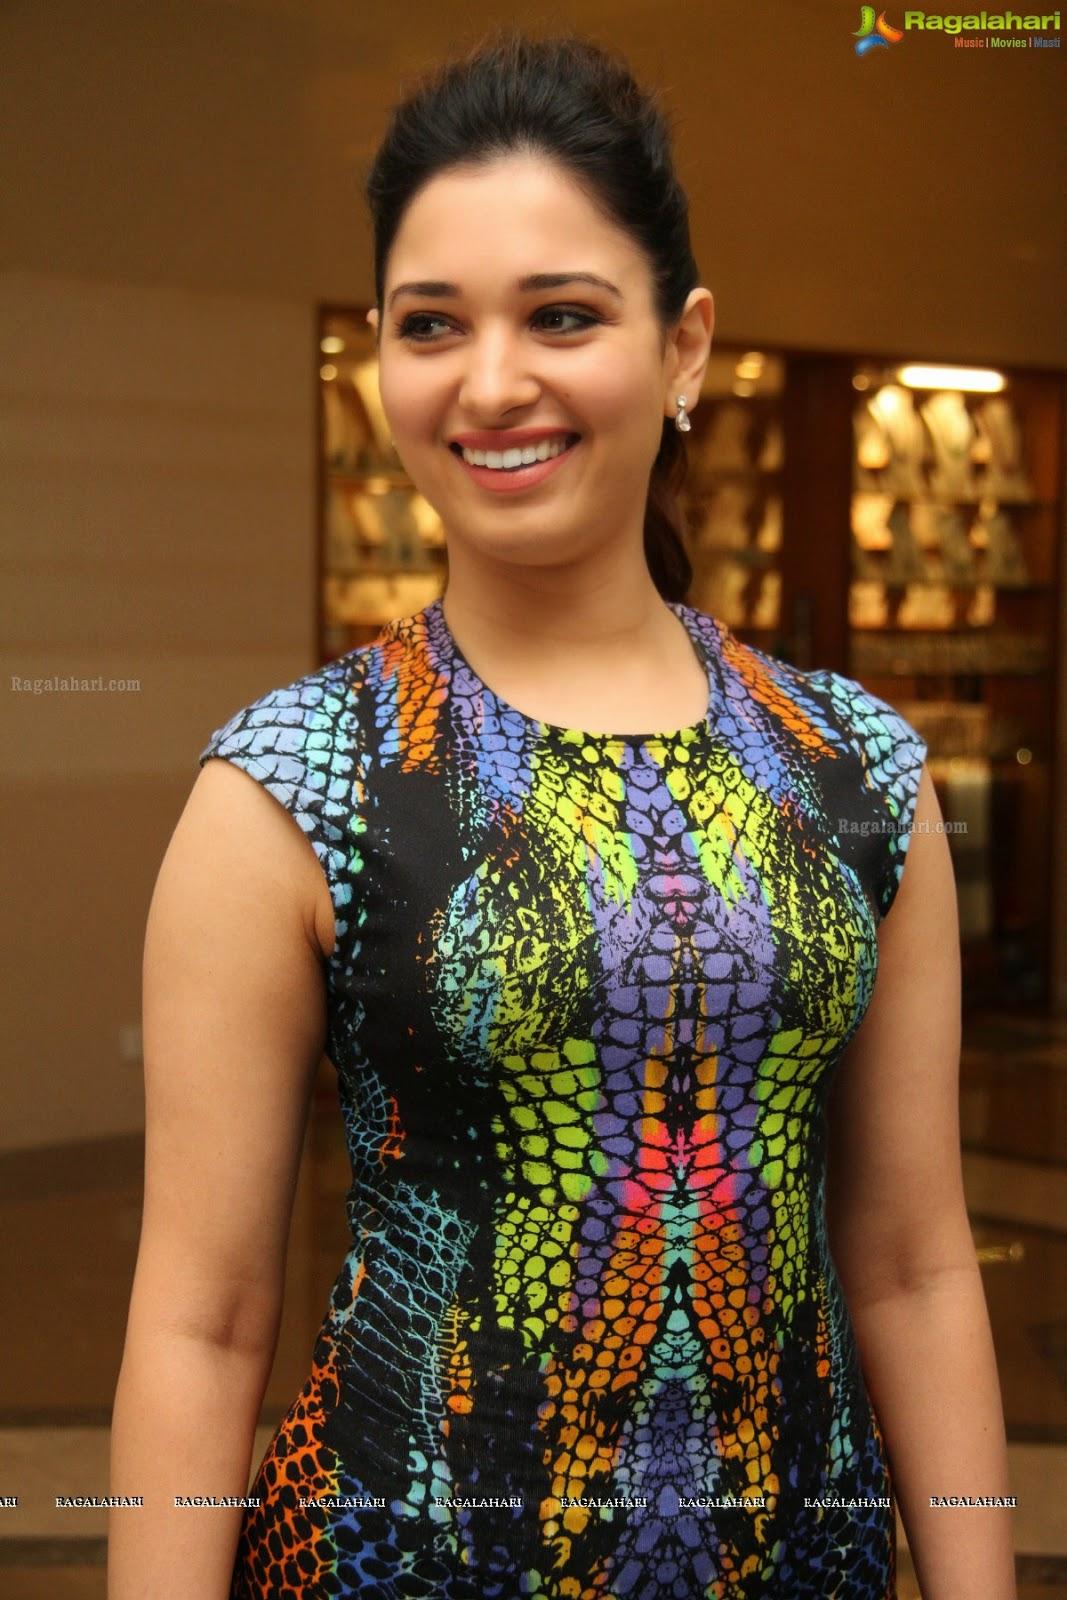 Indian Garam Masala Tamil N Telugu Actress Tamanna Bhatia